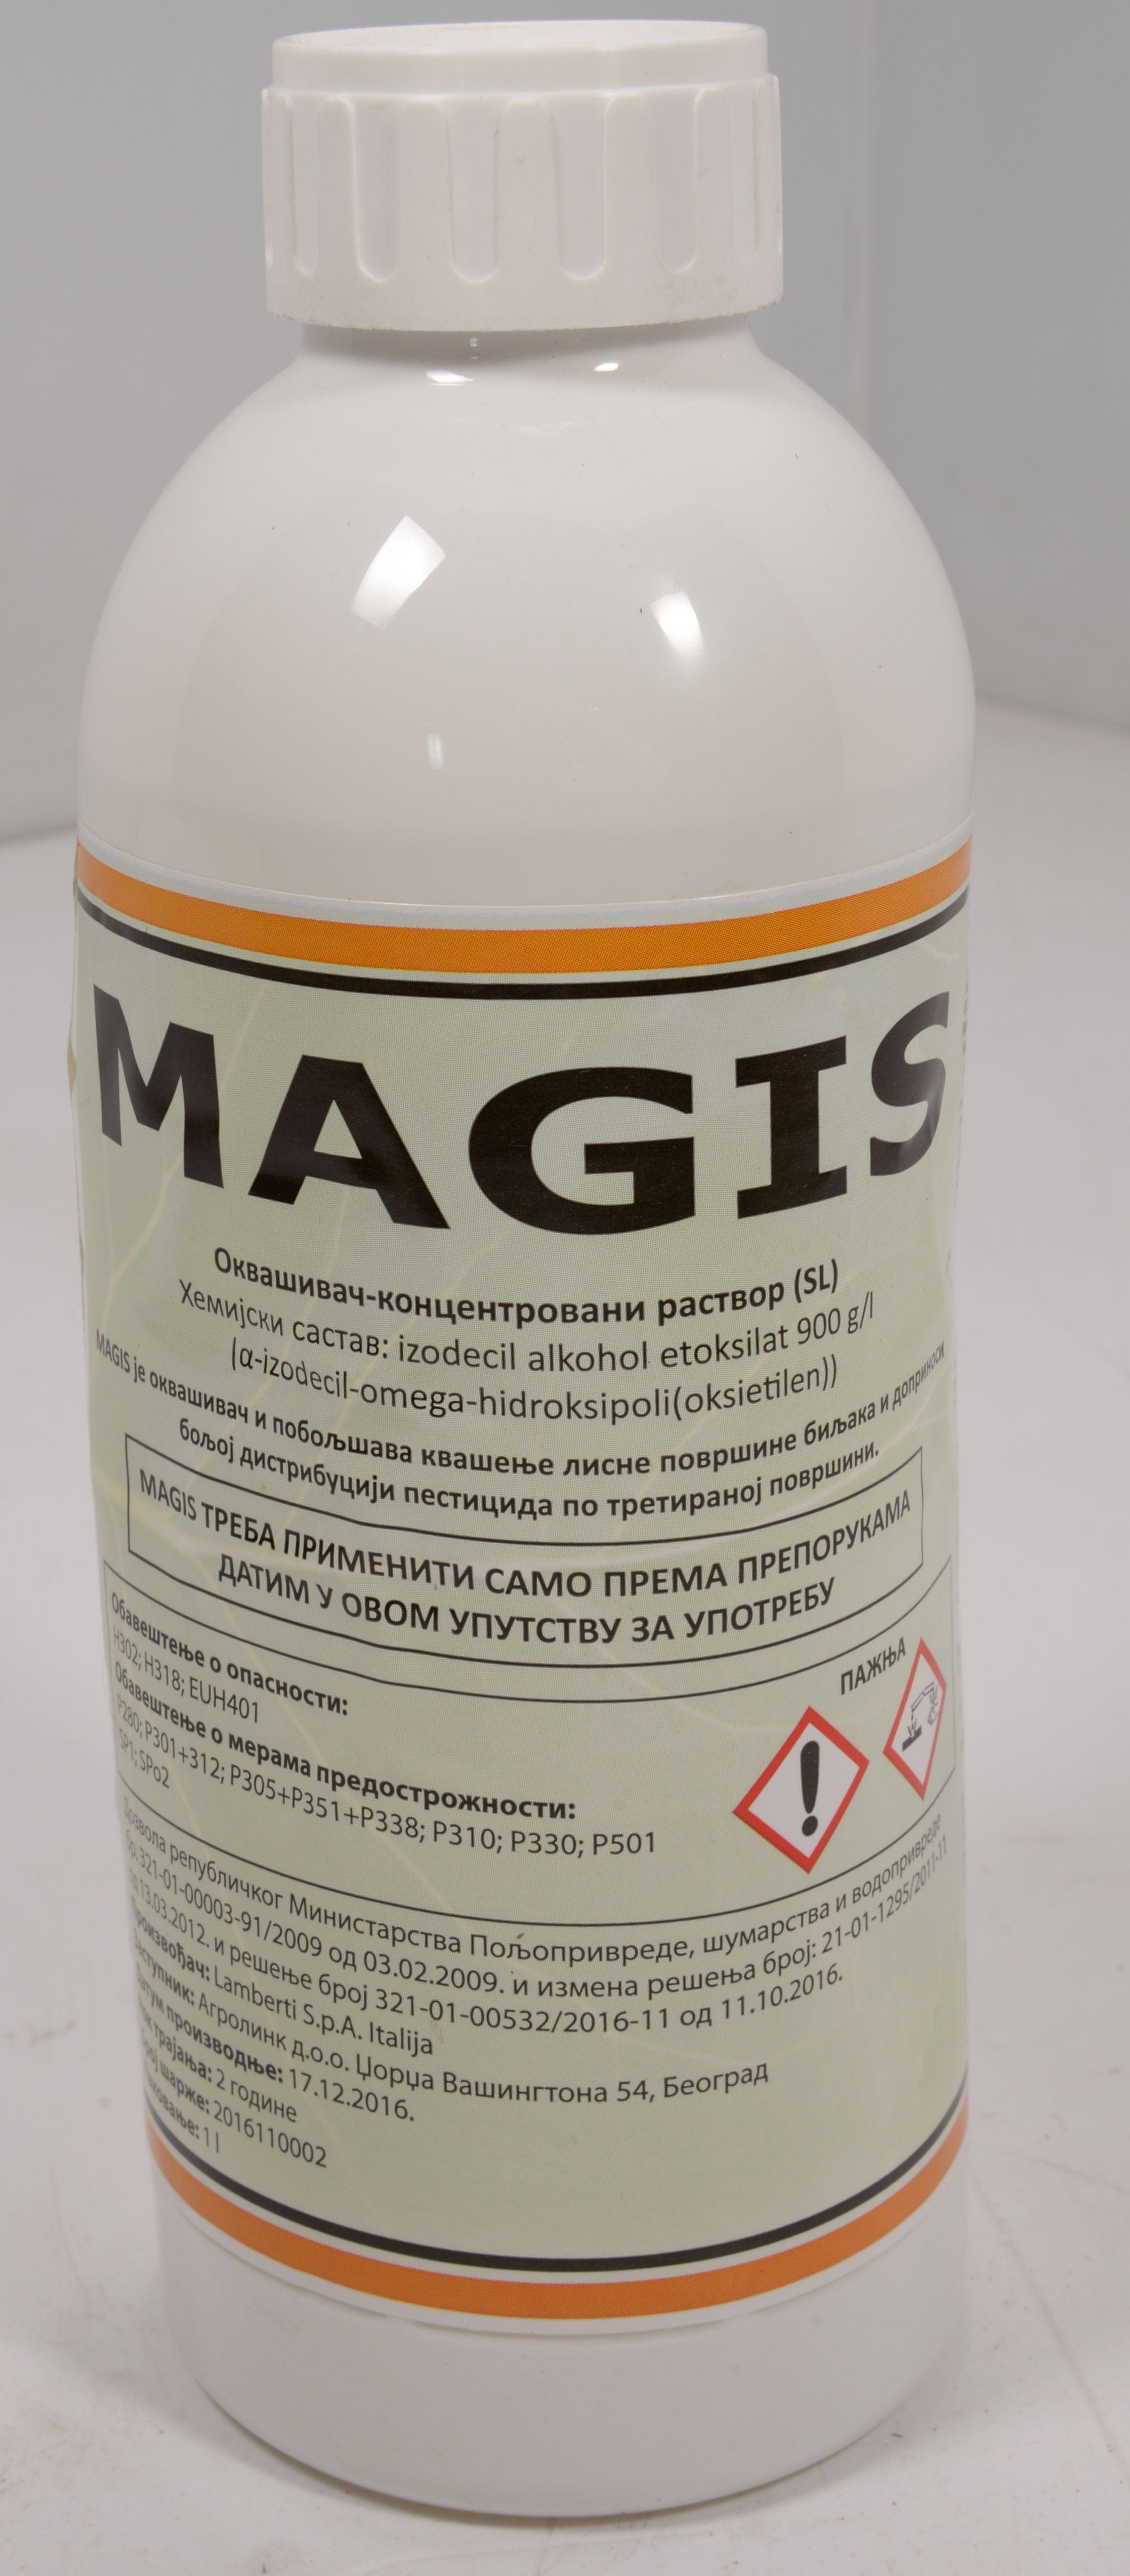 MAGIS 1/1